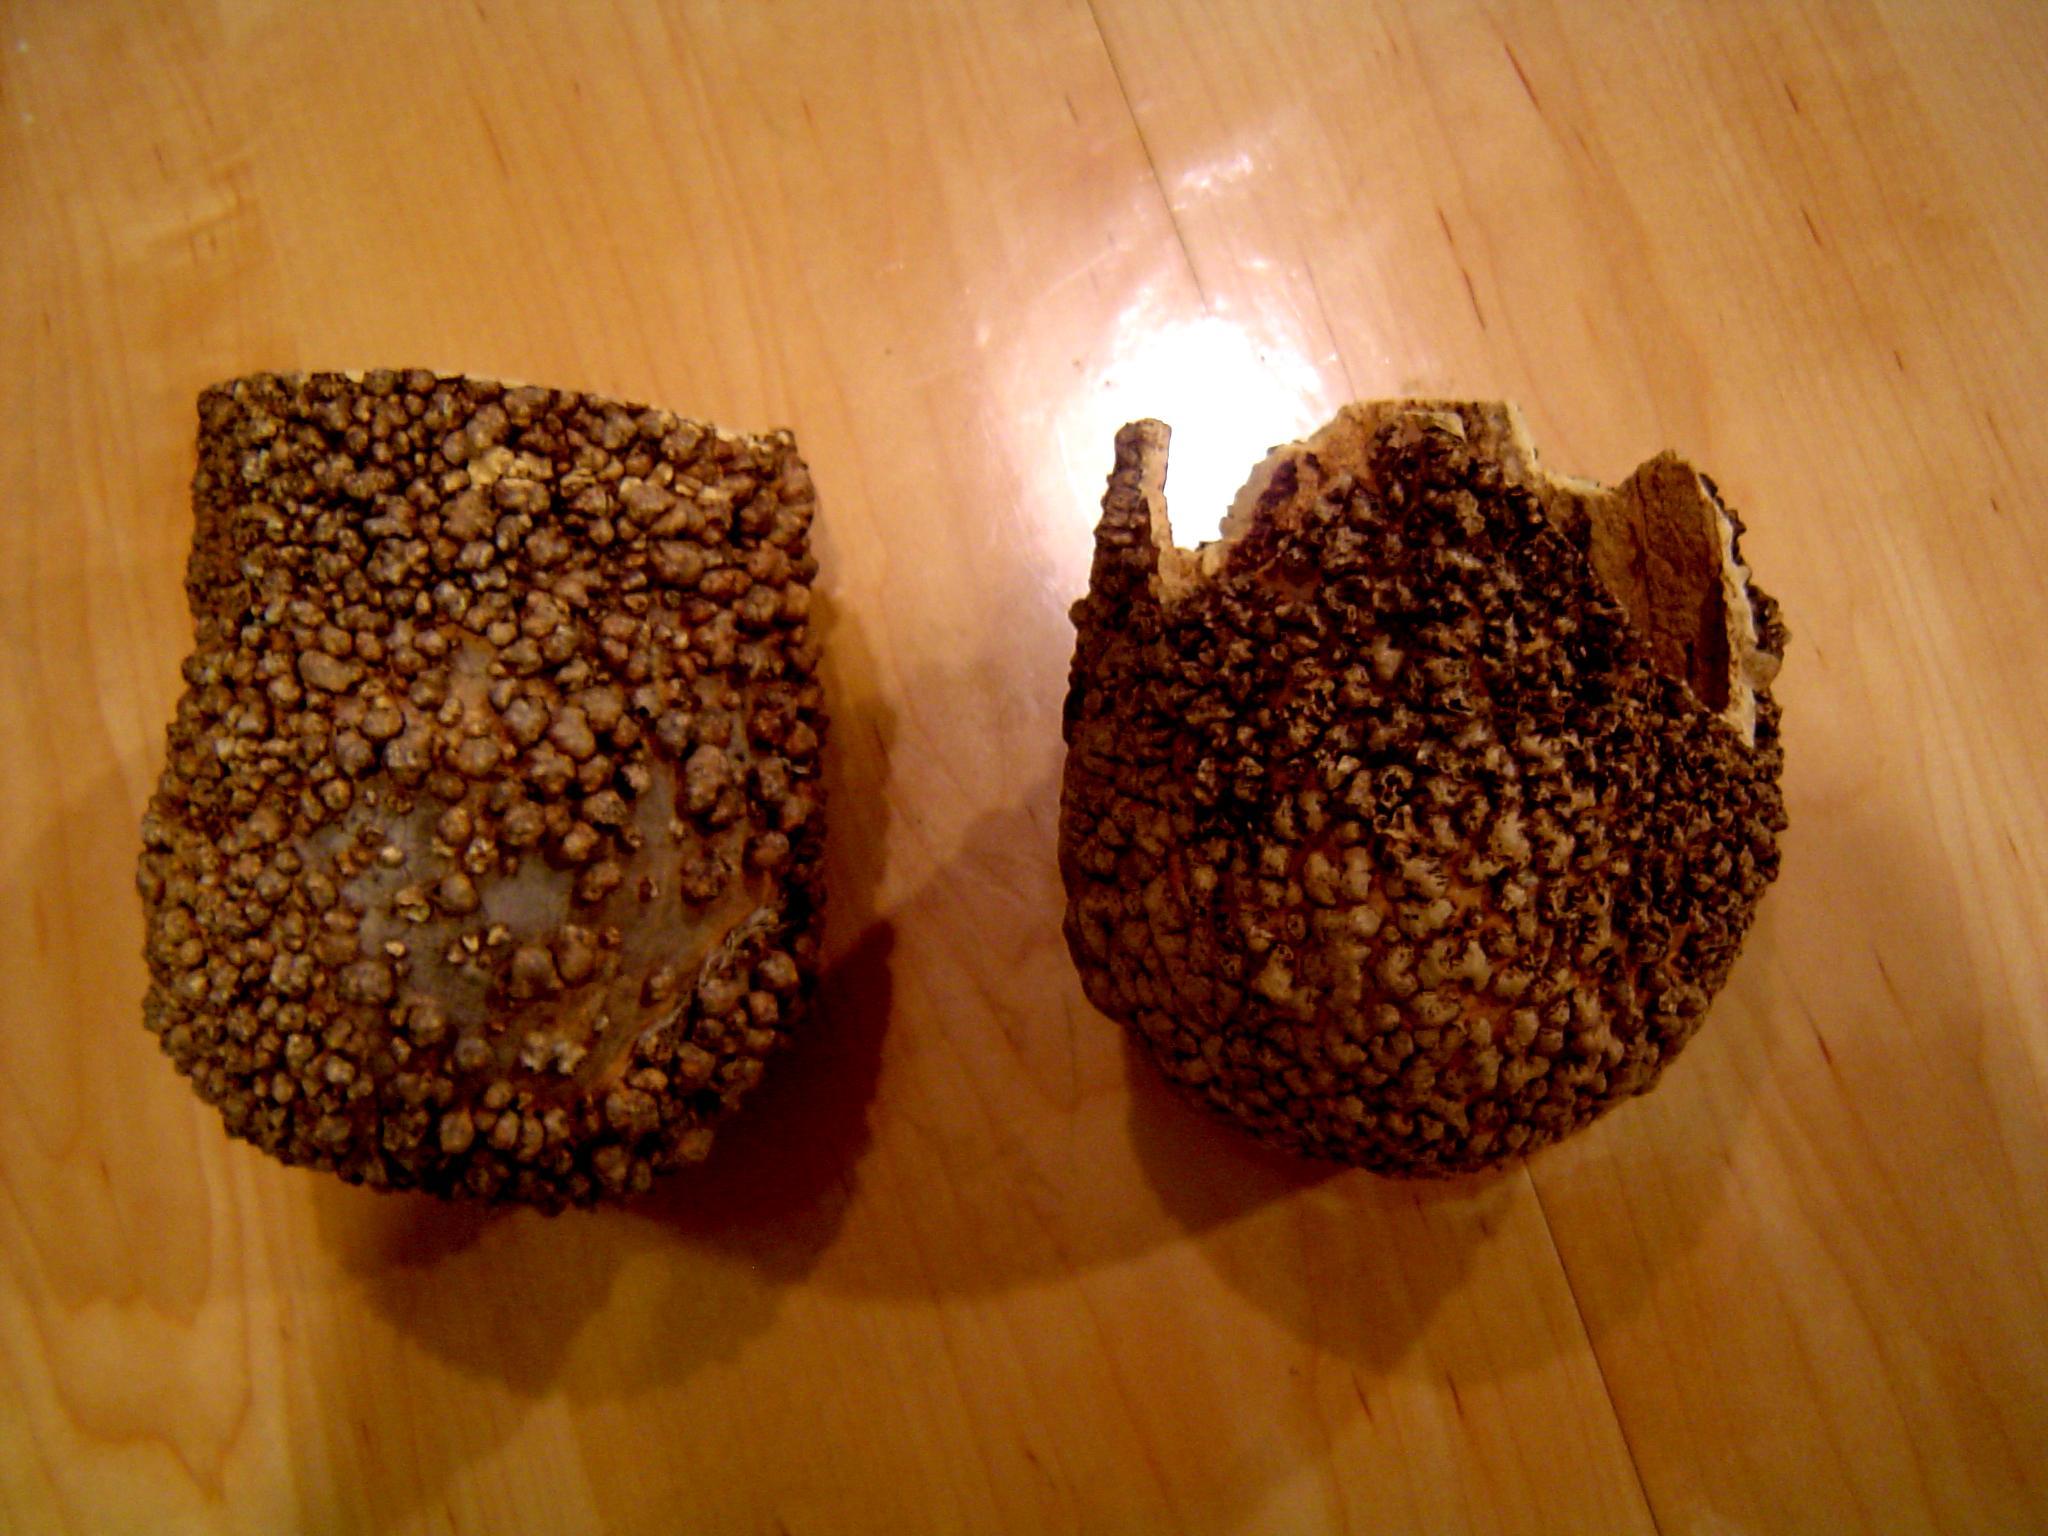 Mycetic Spores, Spore Pod, Spores, Tyranids